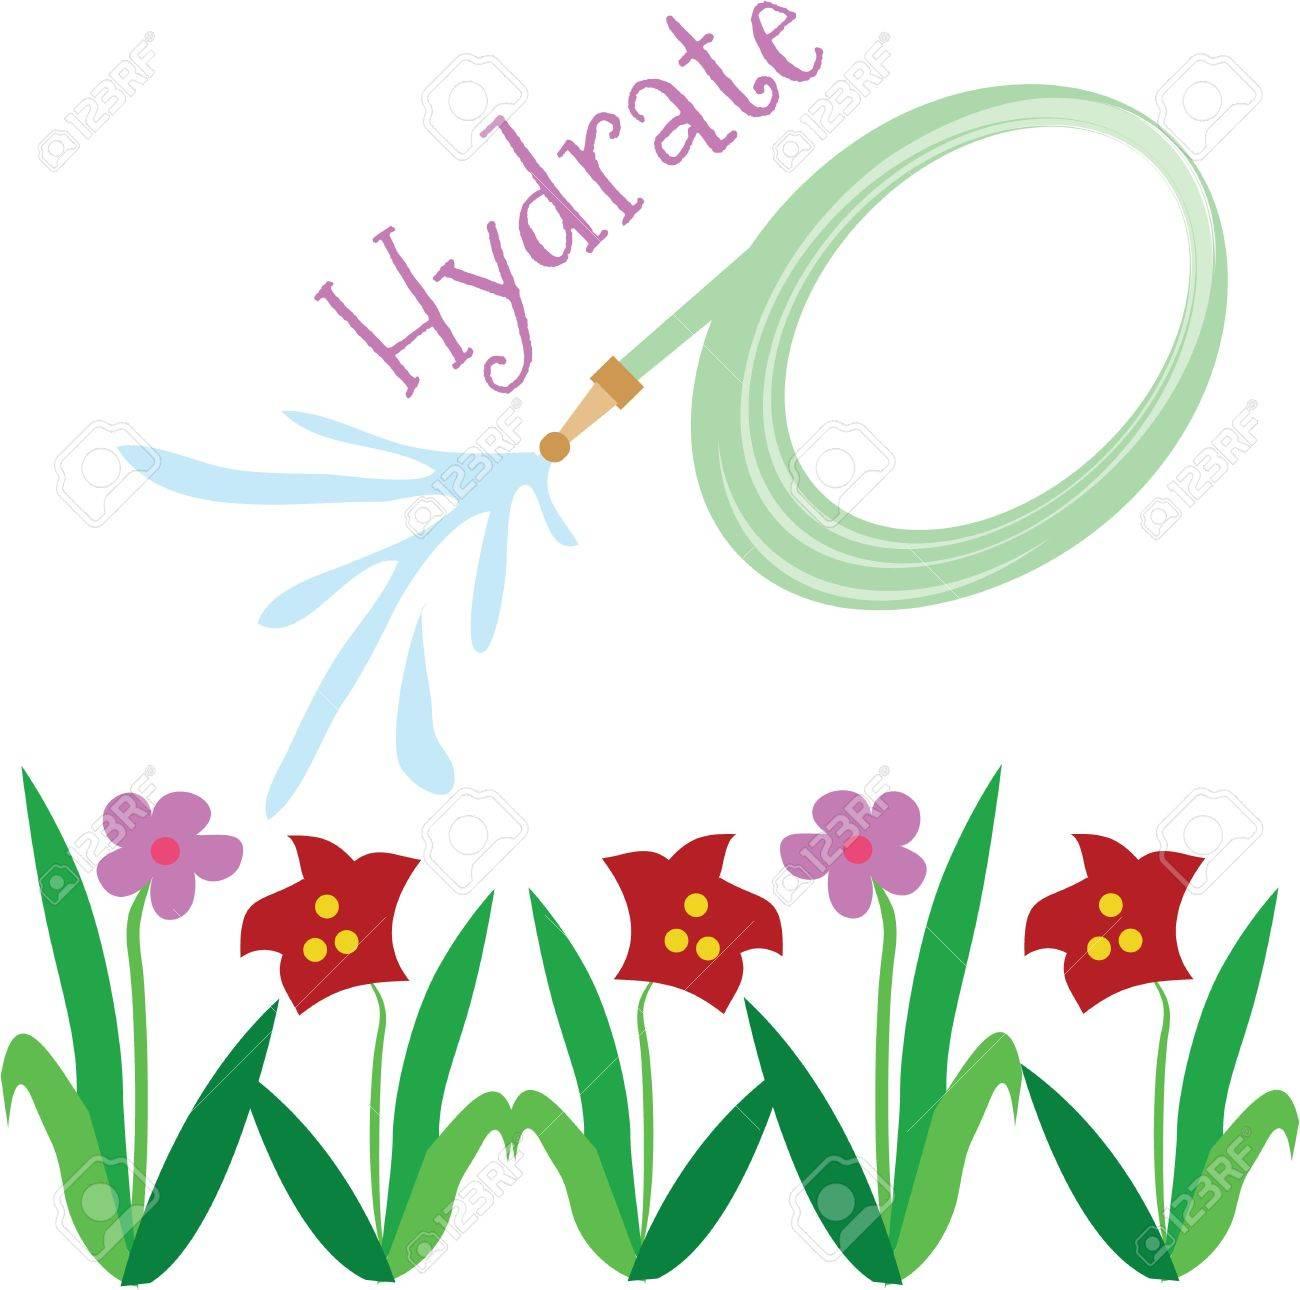 4 月シャワー5 月の花をもたらします 春デザインのこのイメージを